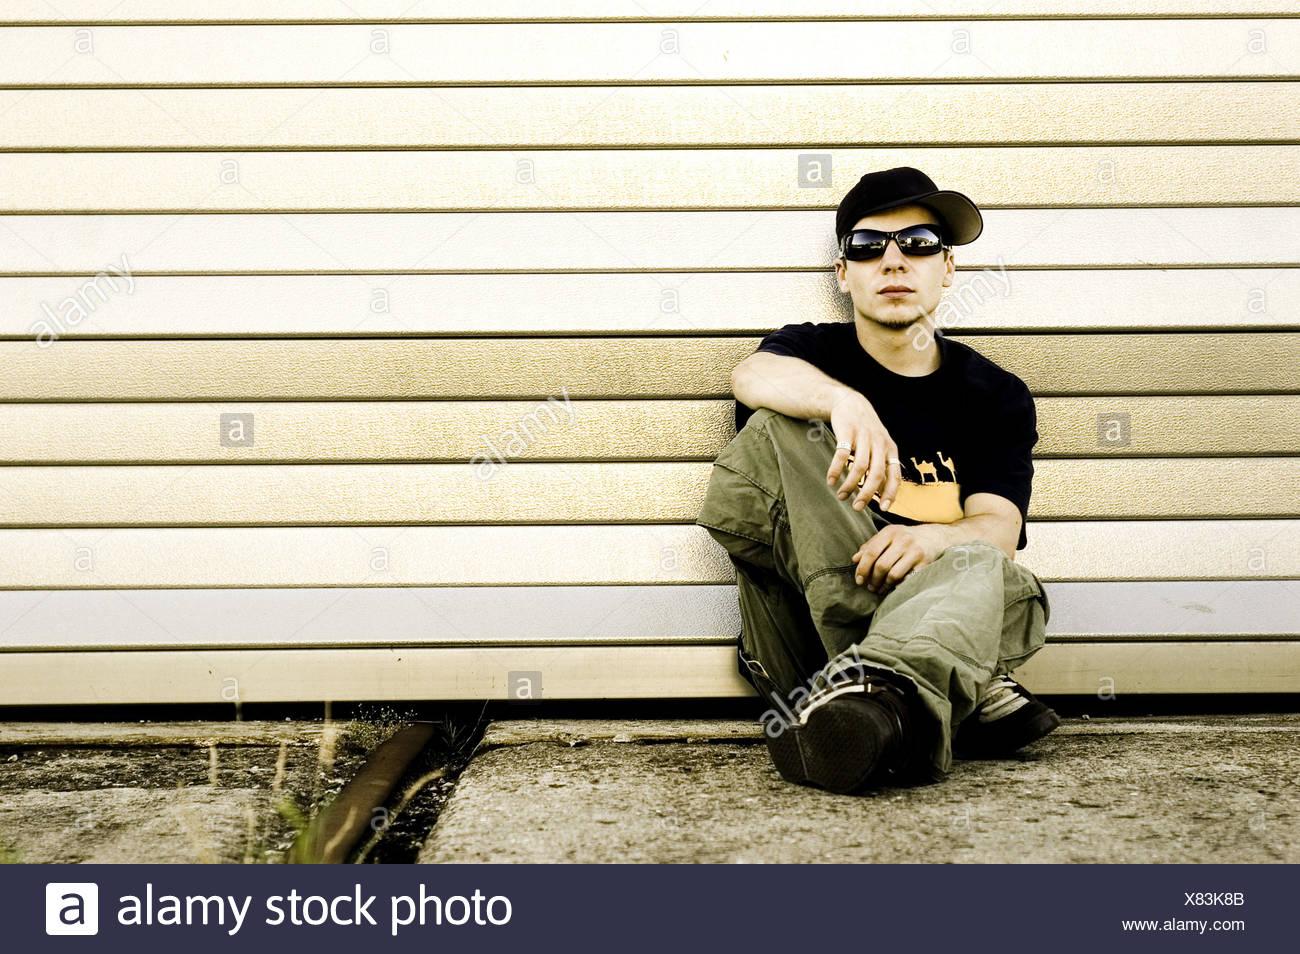 Adolescente,cultura giovanile Immagini Stock